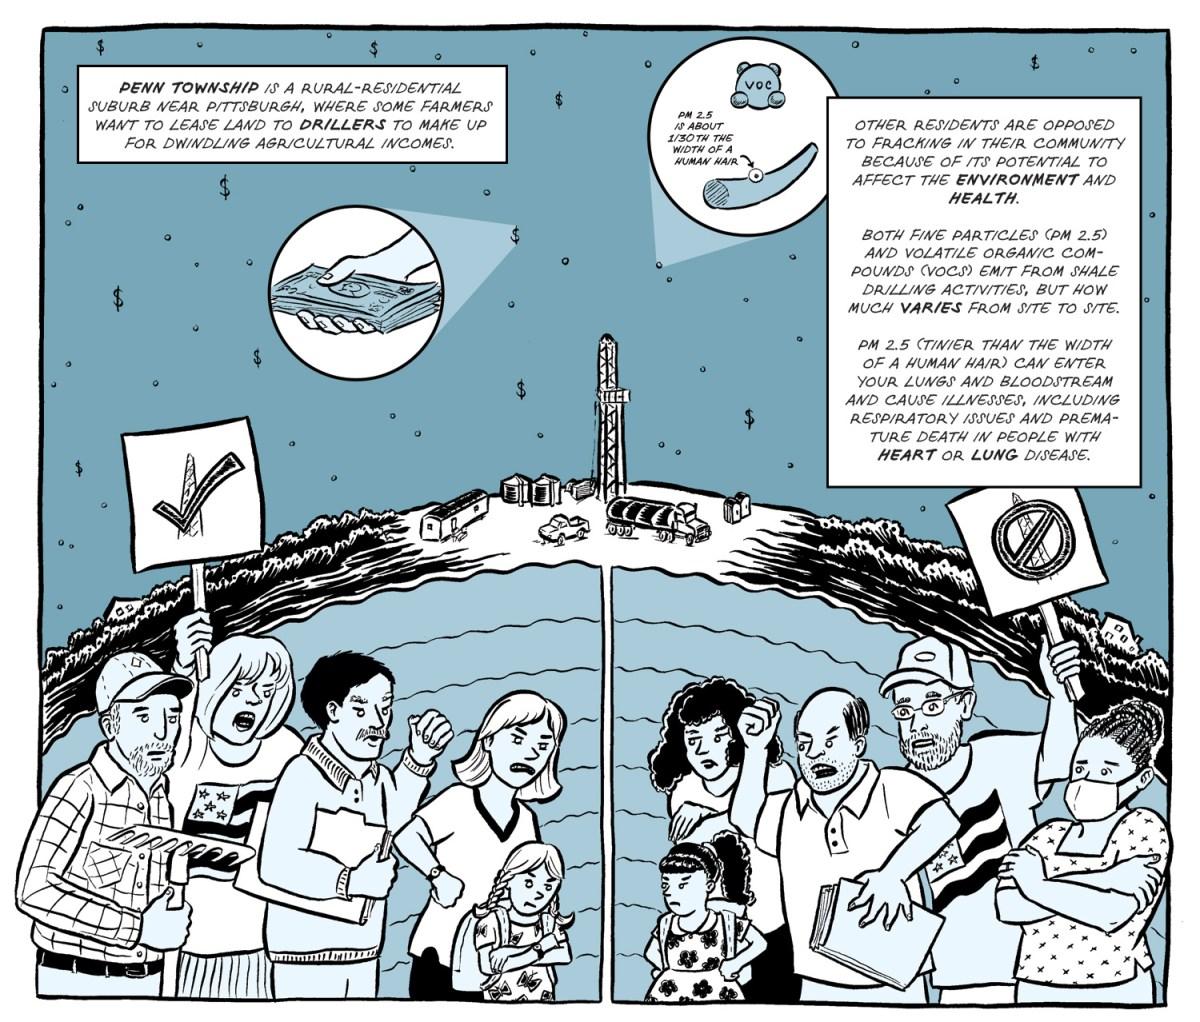 Comic by Em Demarco / PublicSource